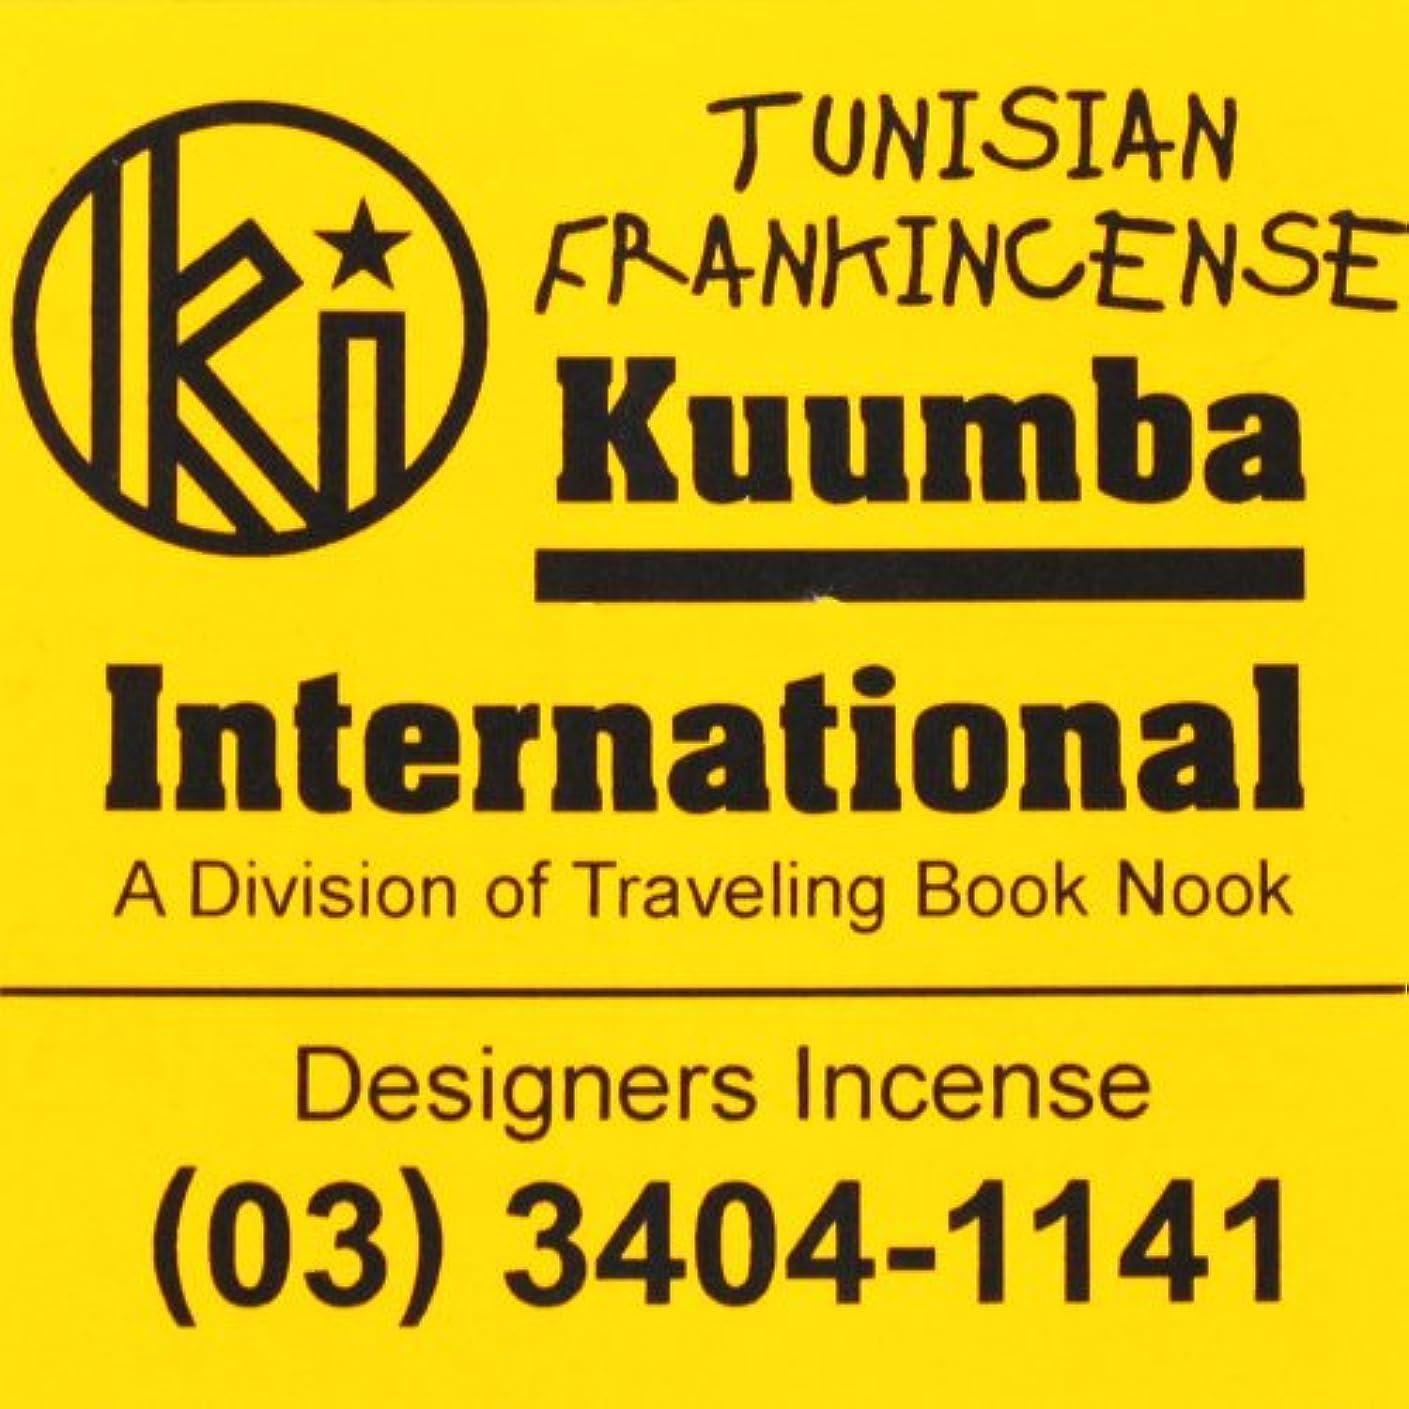 (クンバ) KUUMBA『classic regular incense』(TUNISIAN FRANKINCENSE) (Regular size)